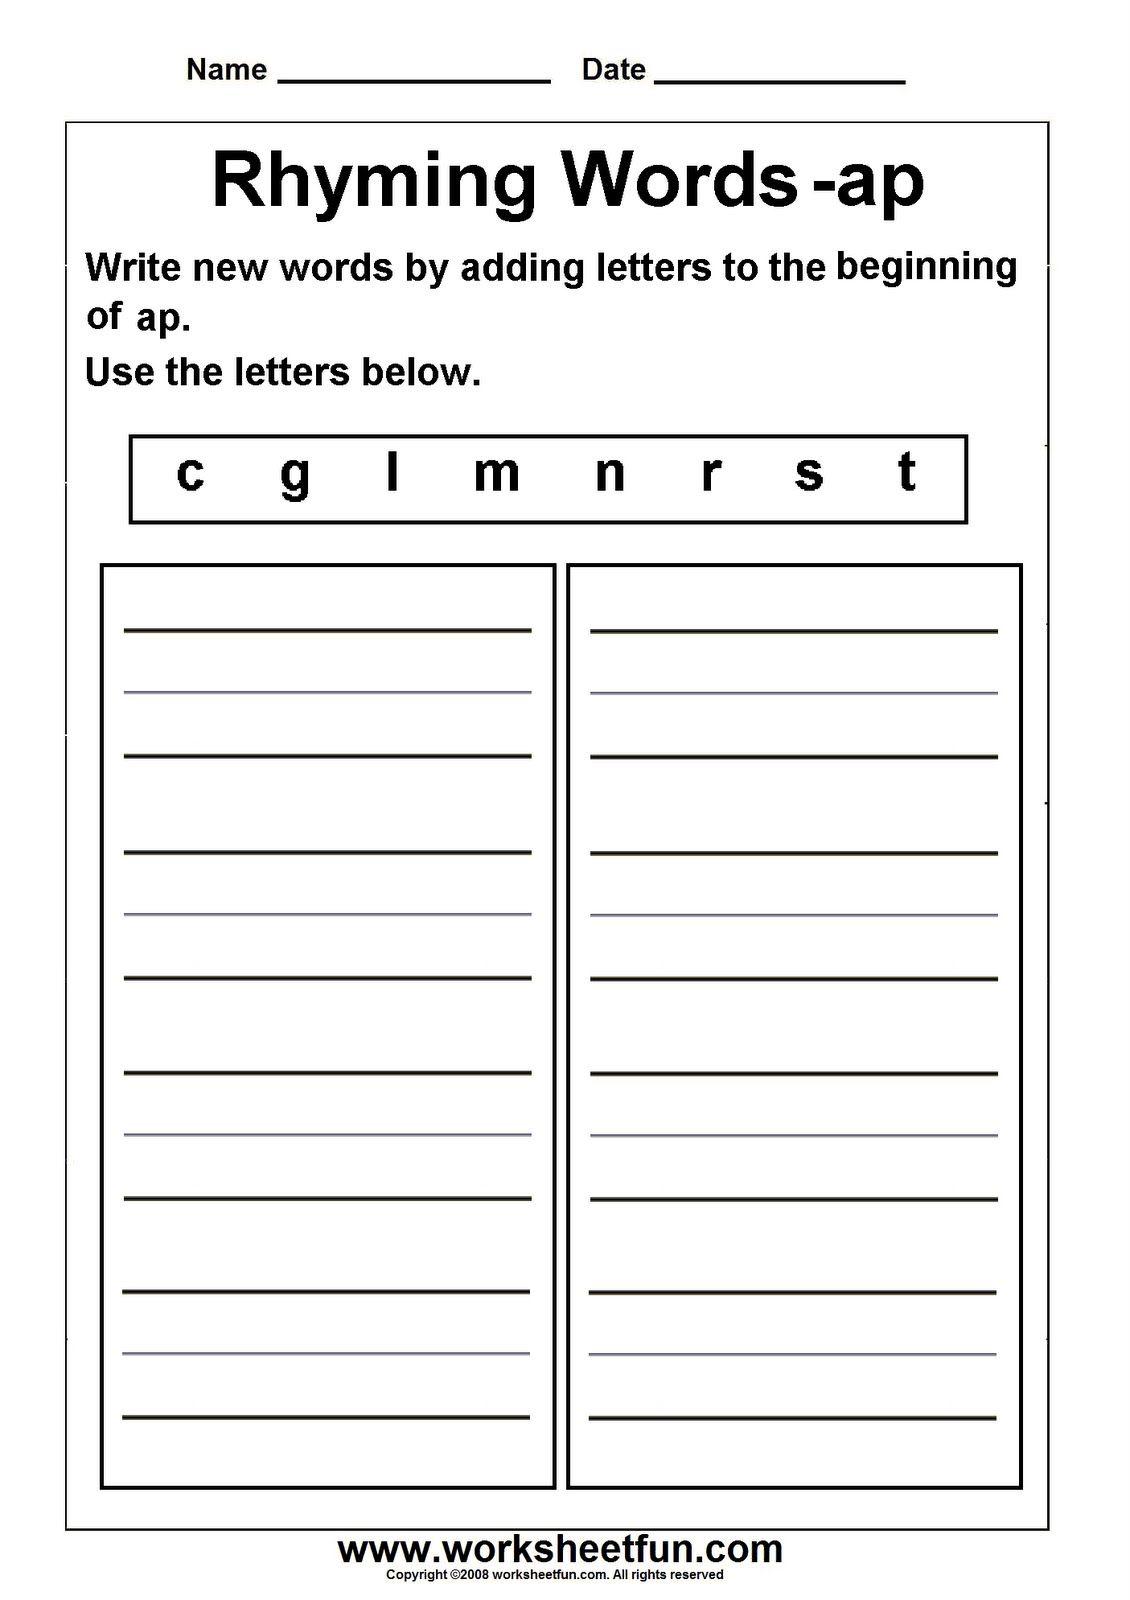 Rhyming Words Worksheet 2p